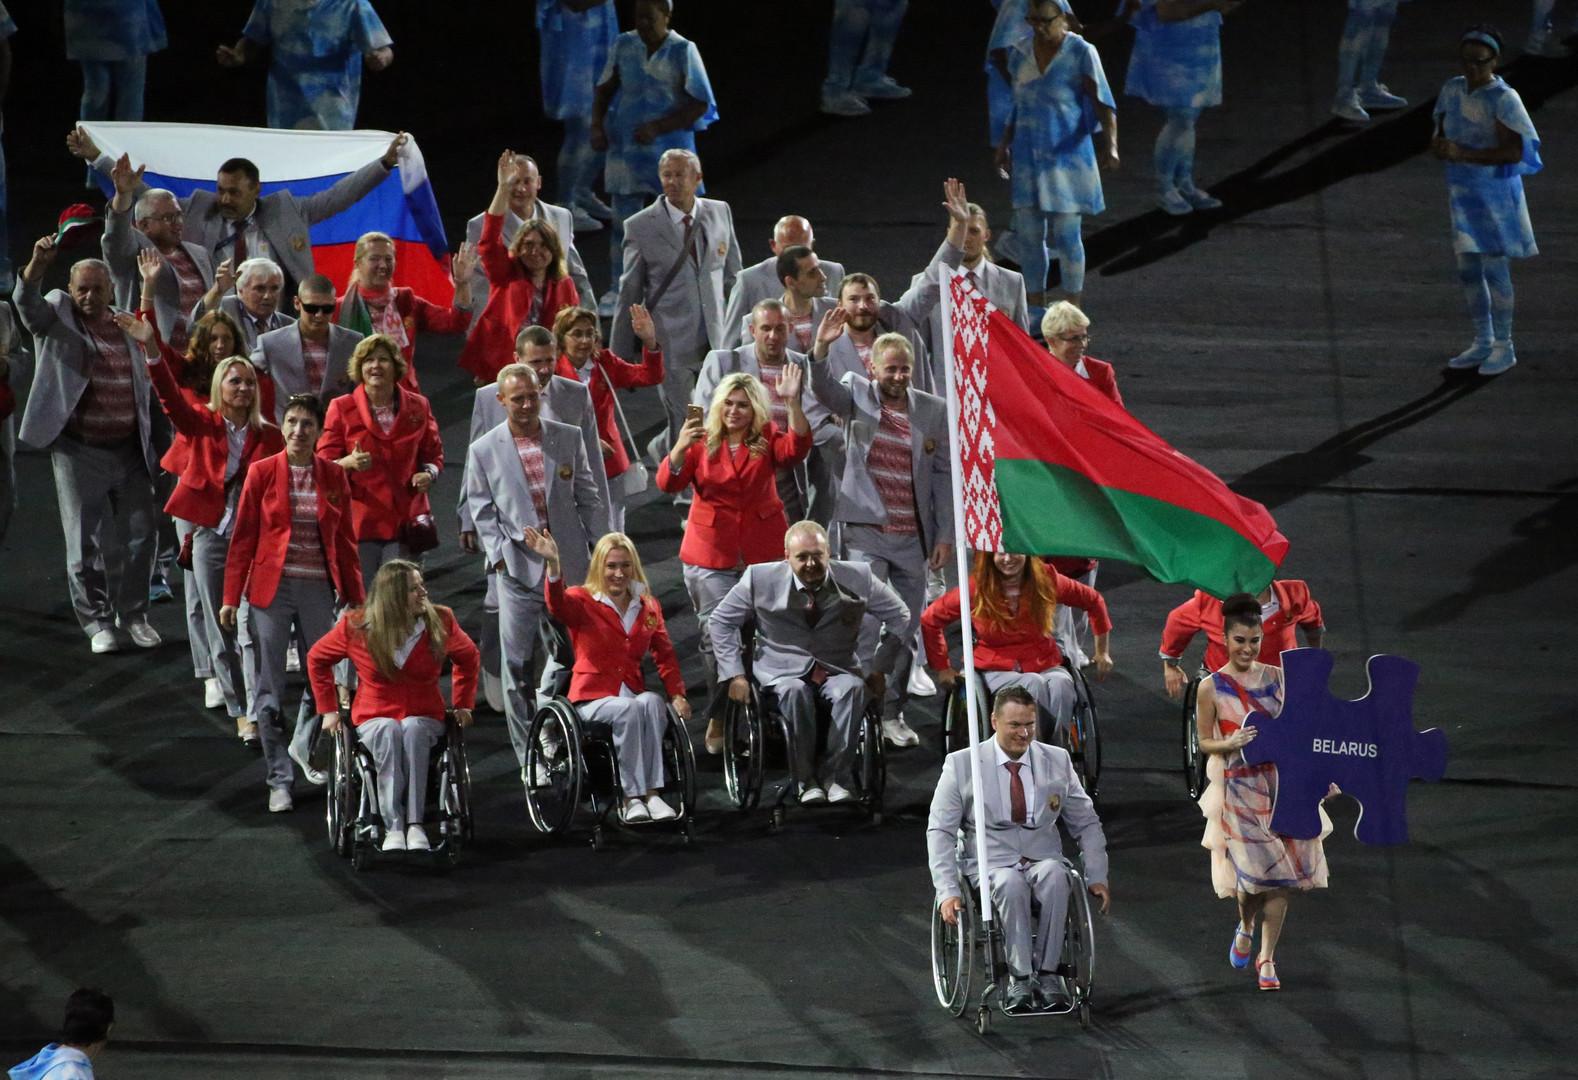 Сотрудник Министерства спорта и туризма Белоруссии Андрей Фомочкин пронёс флаг России на открытии Паралимпиады в Рио